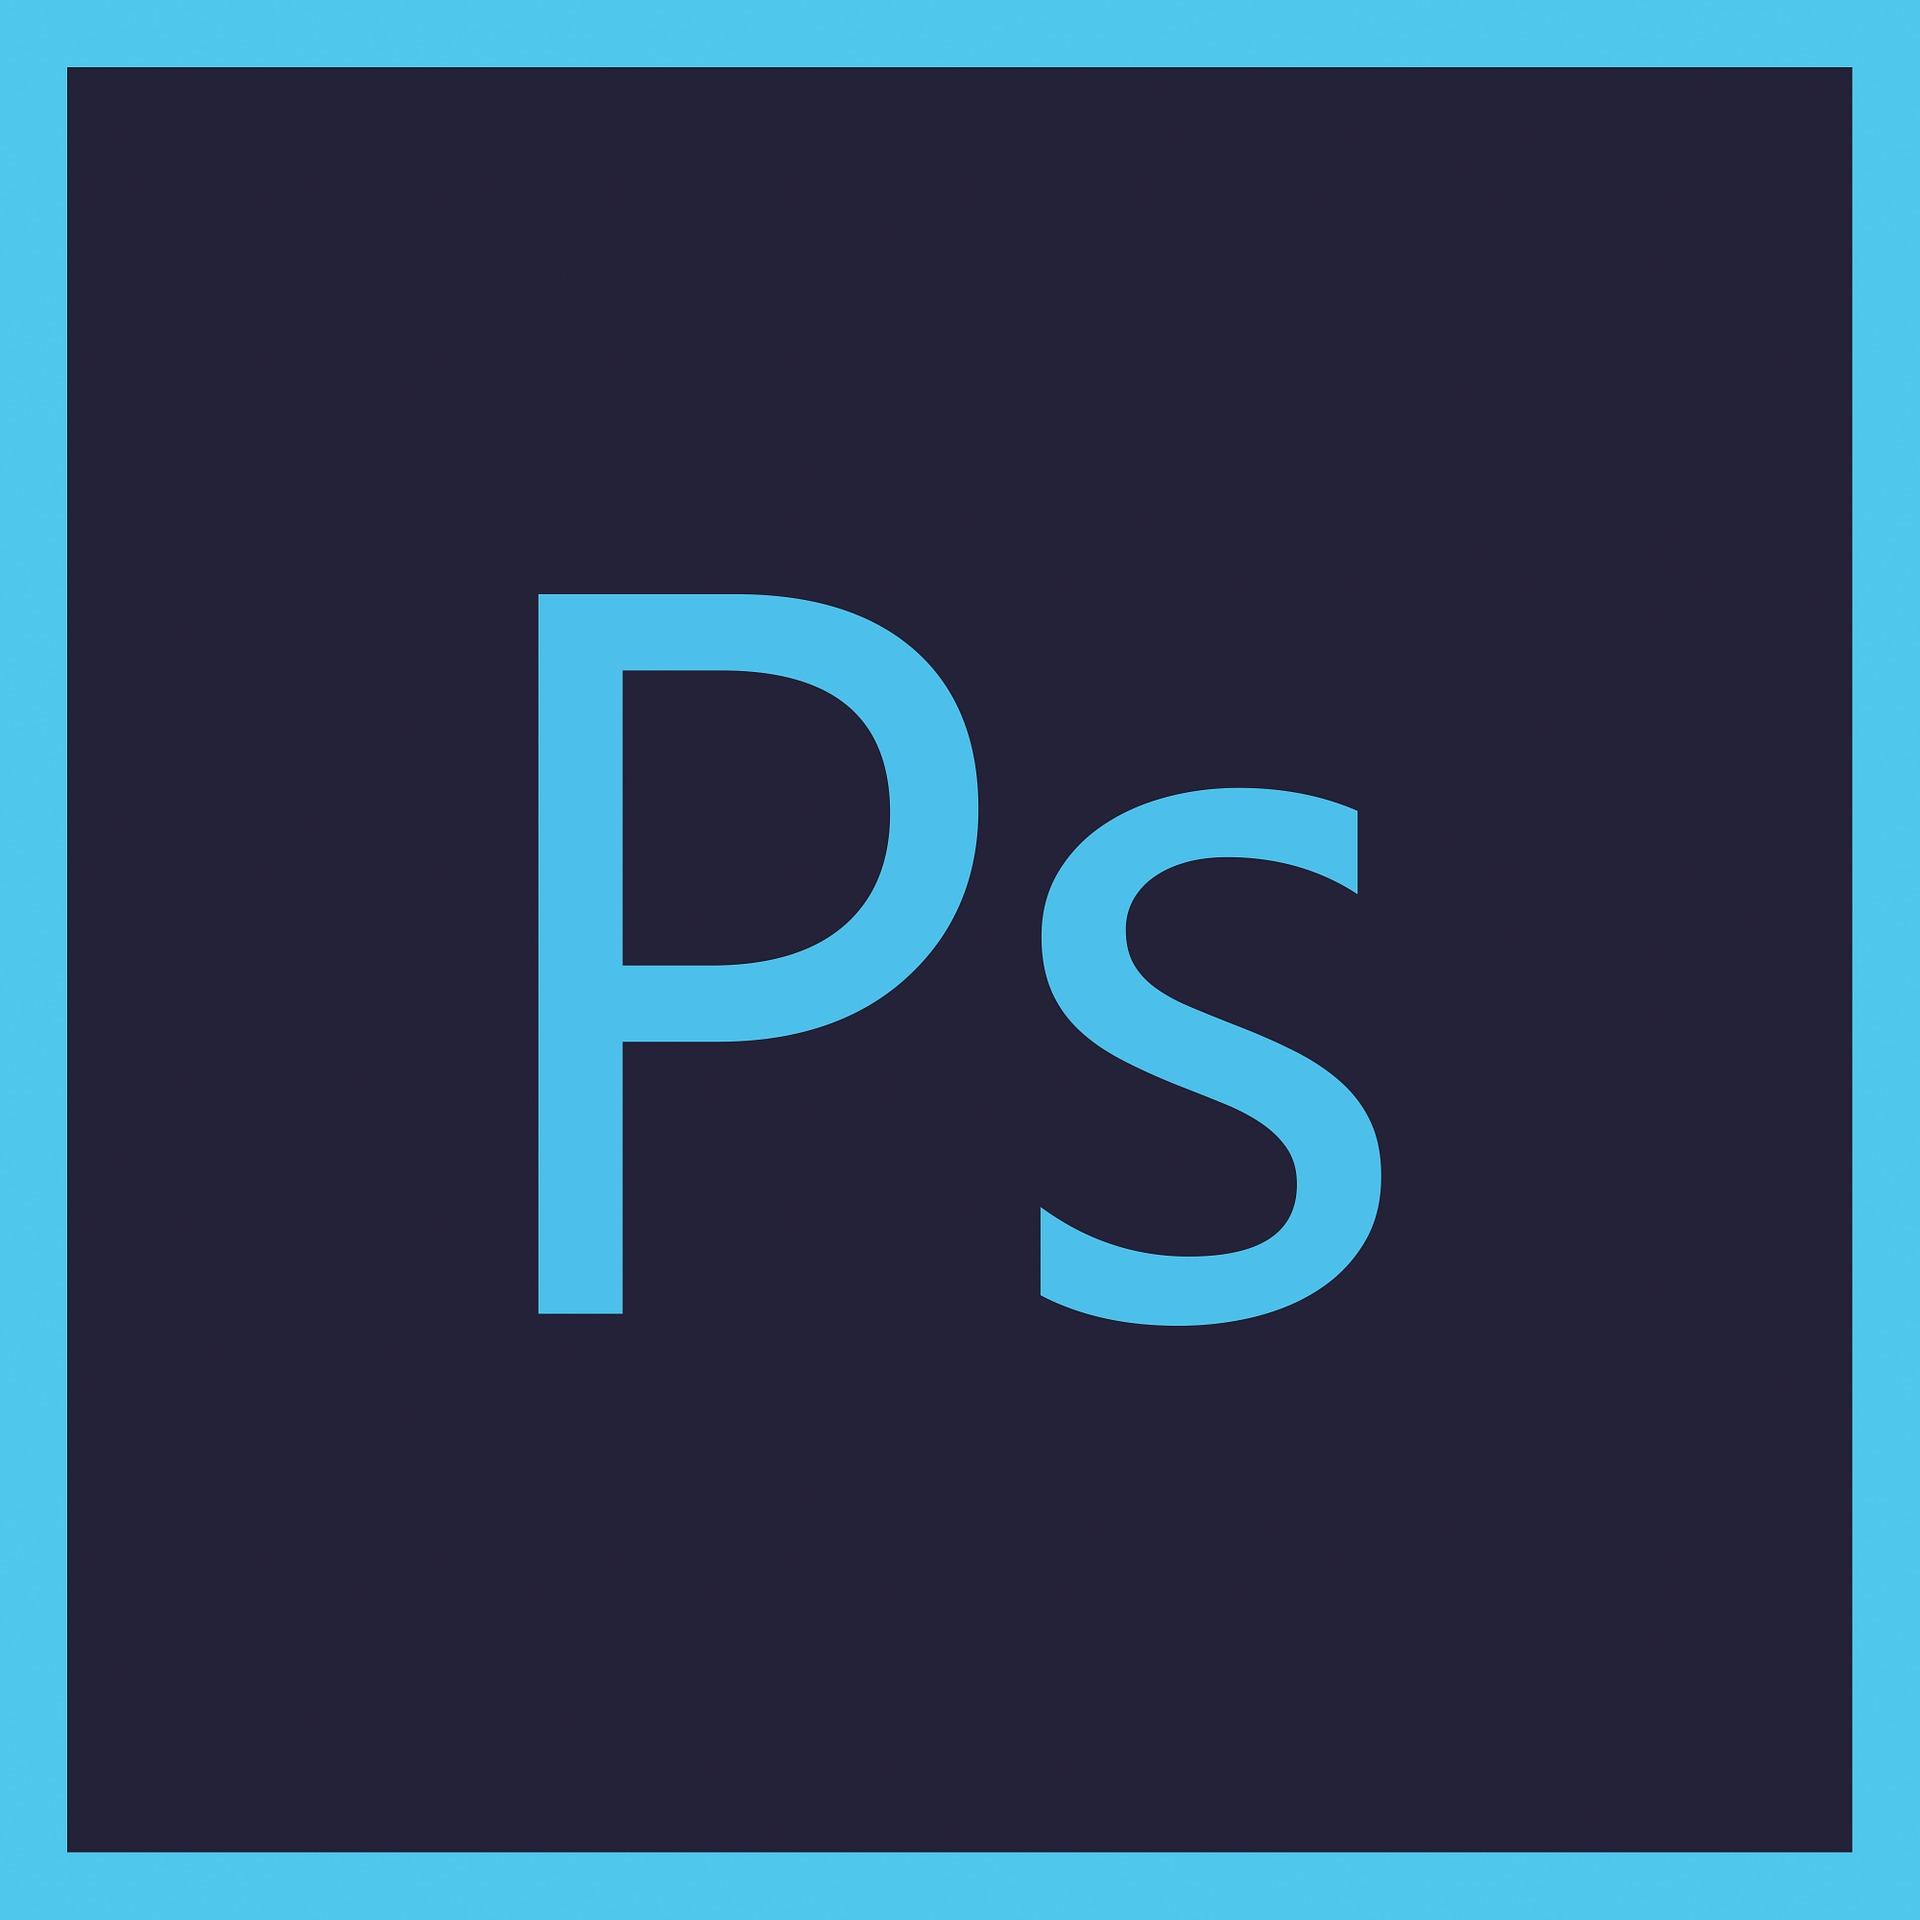 photoshop-1065296_1920